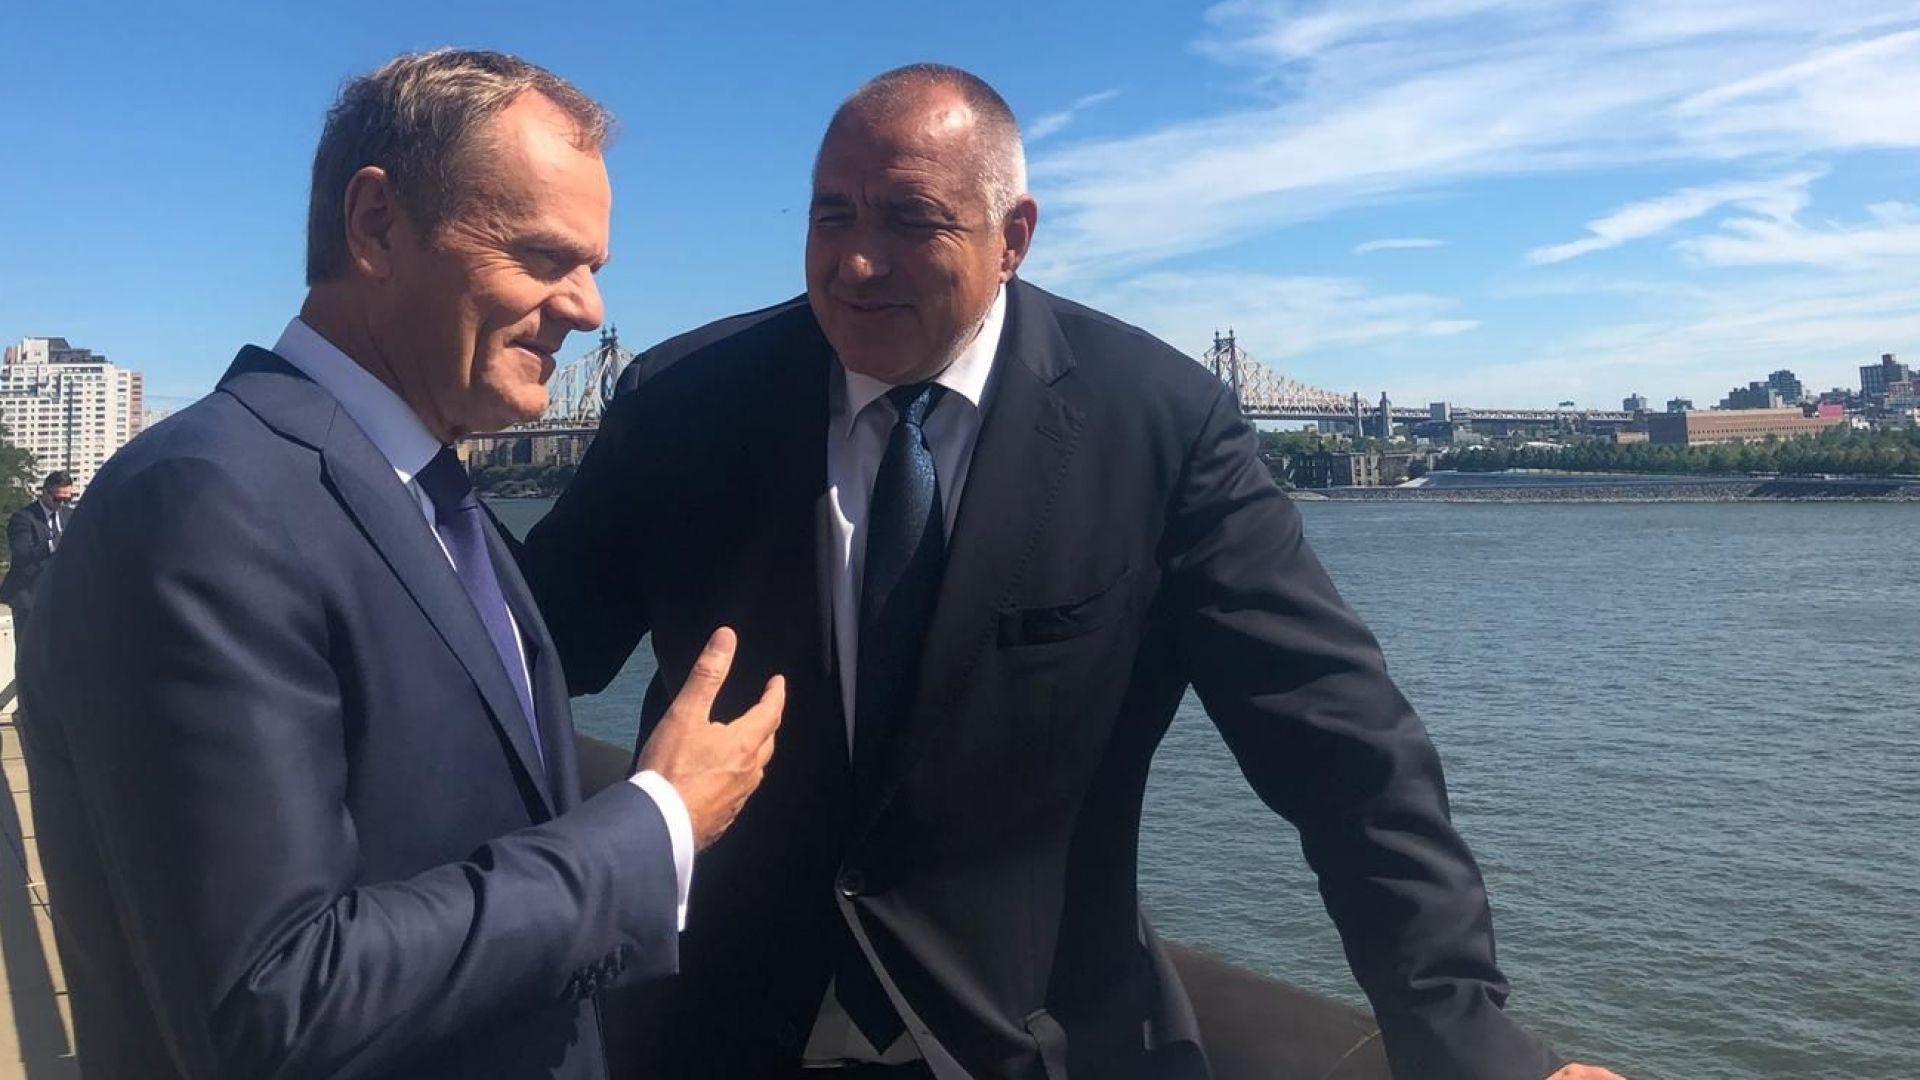 Борисов и Туск обсъждат речите си на брега на река Хъдсън (снимки)